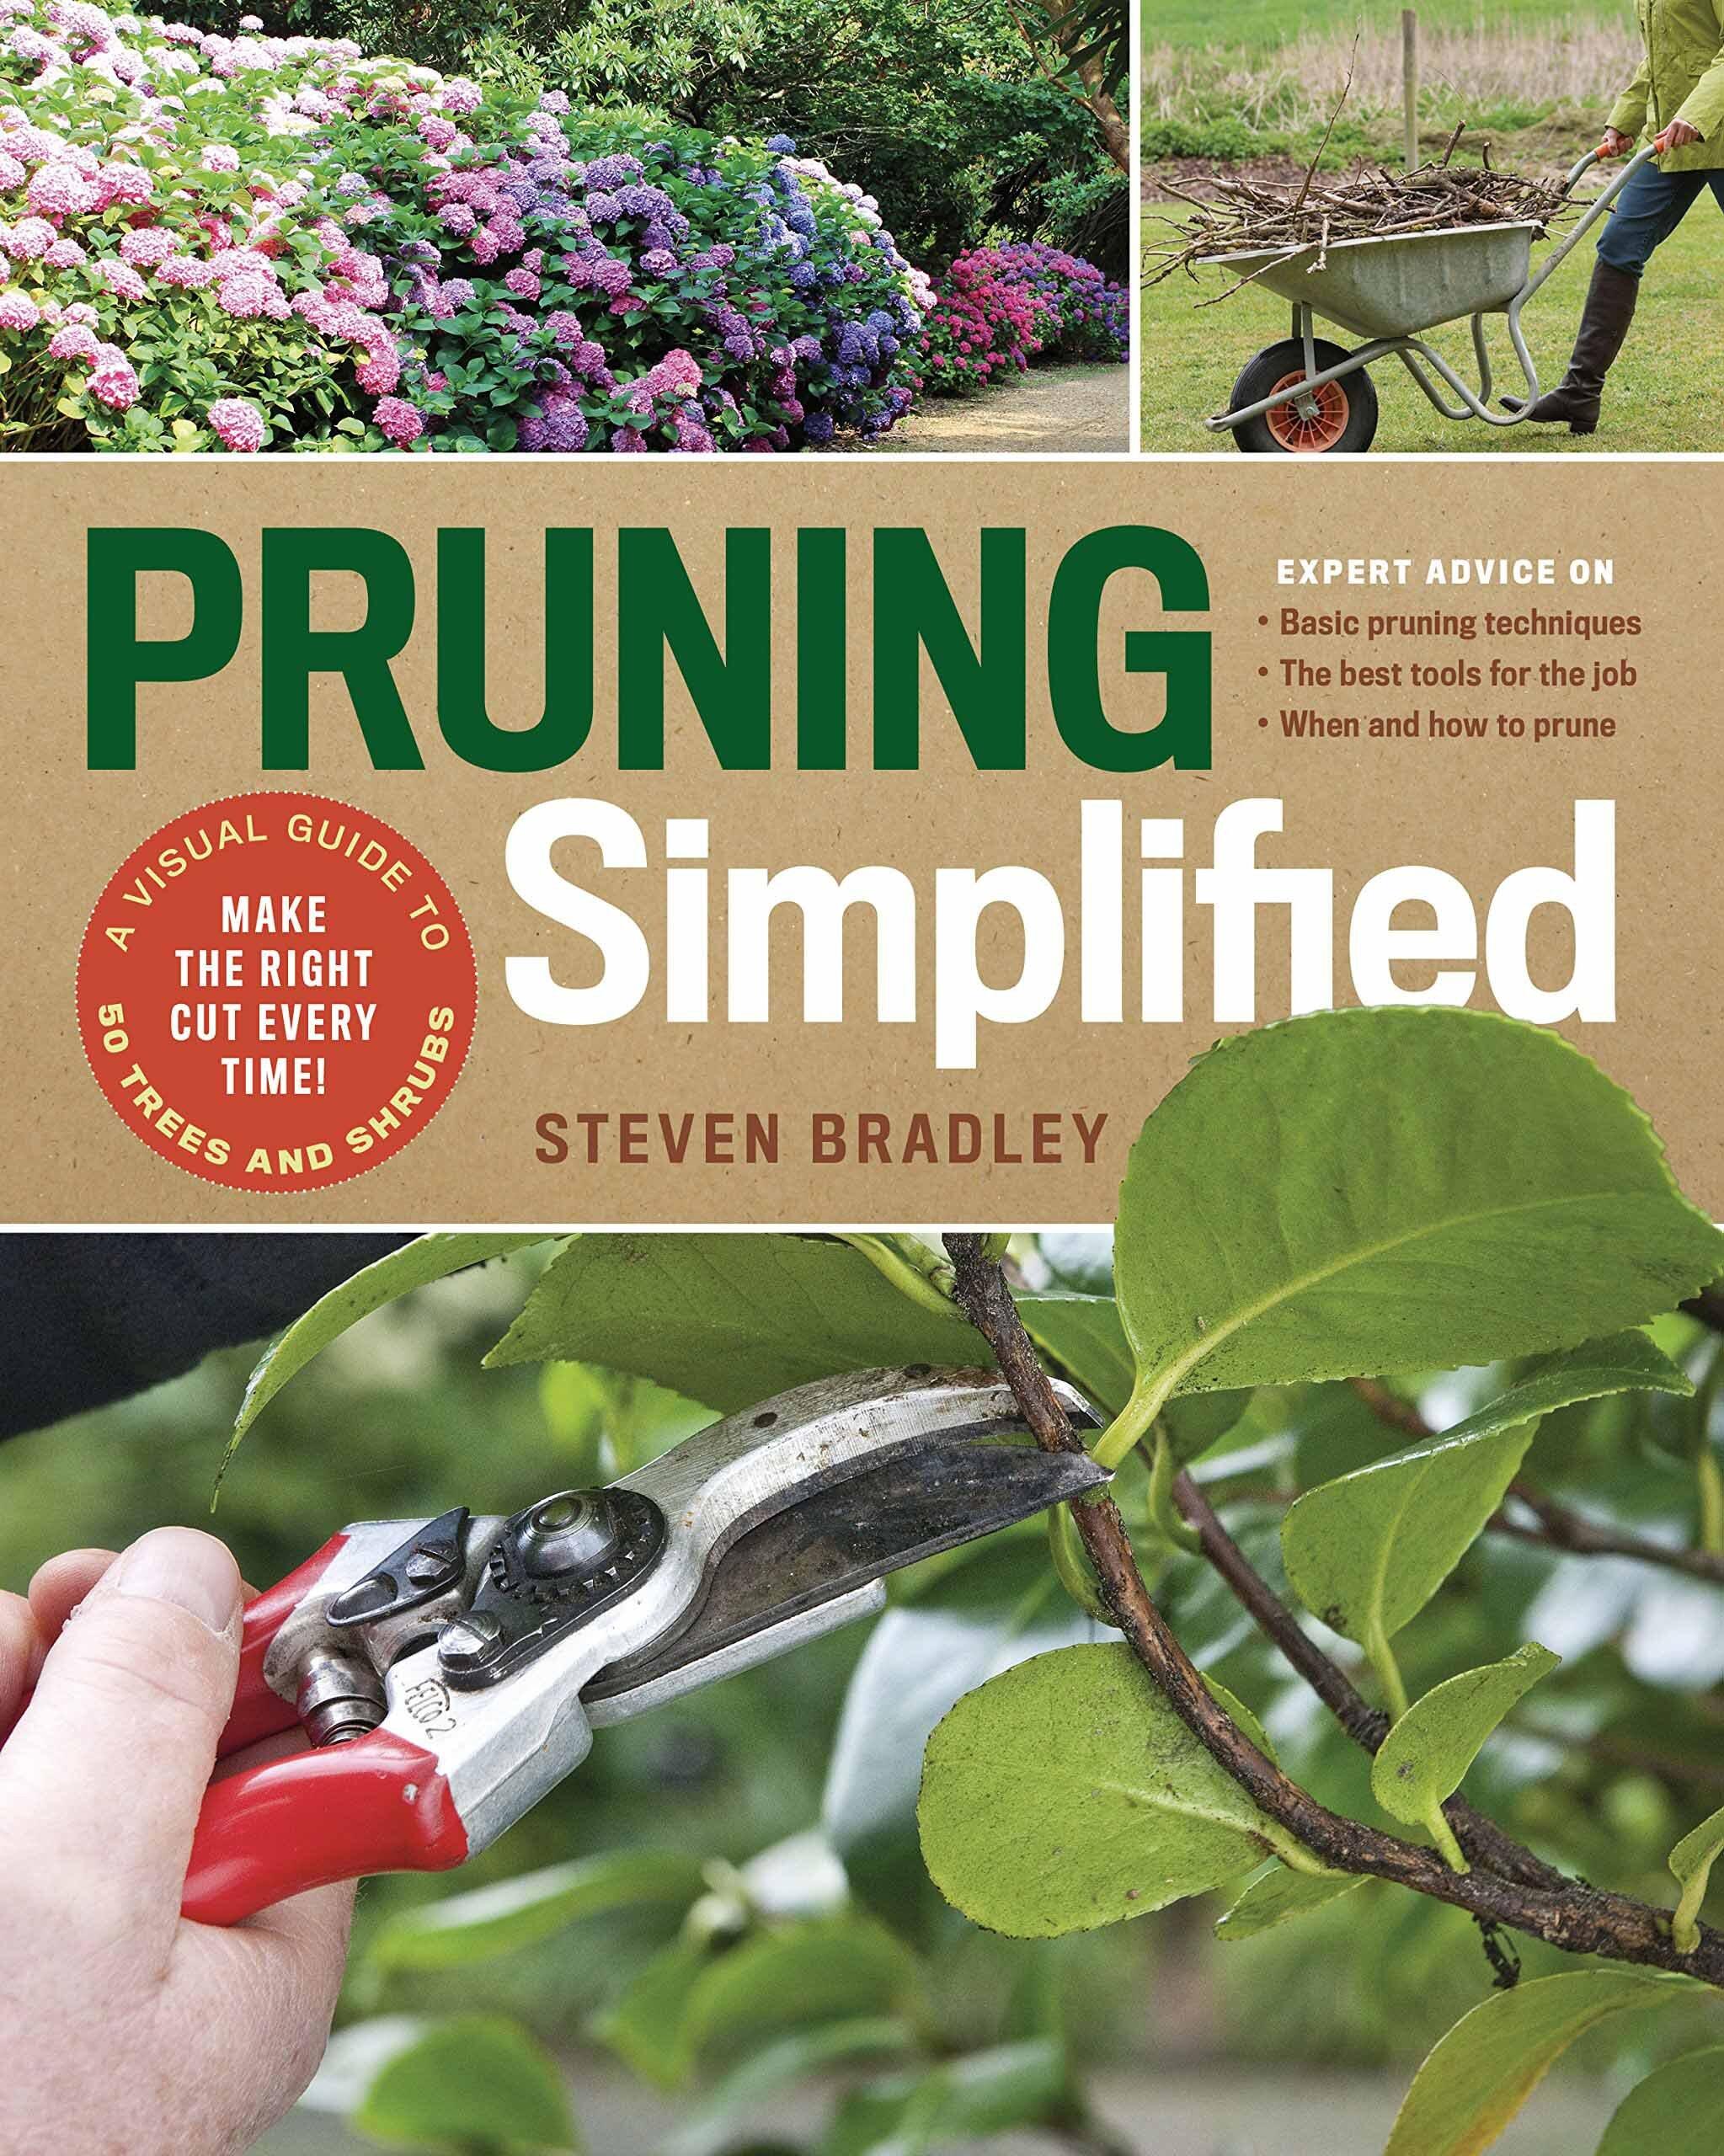 pruning_simplified.jpg